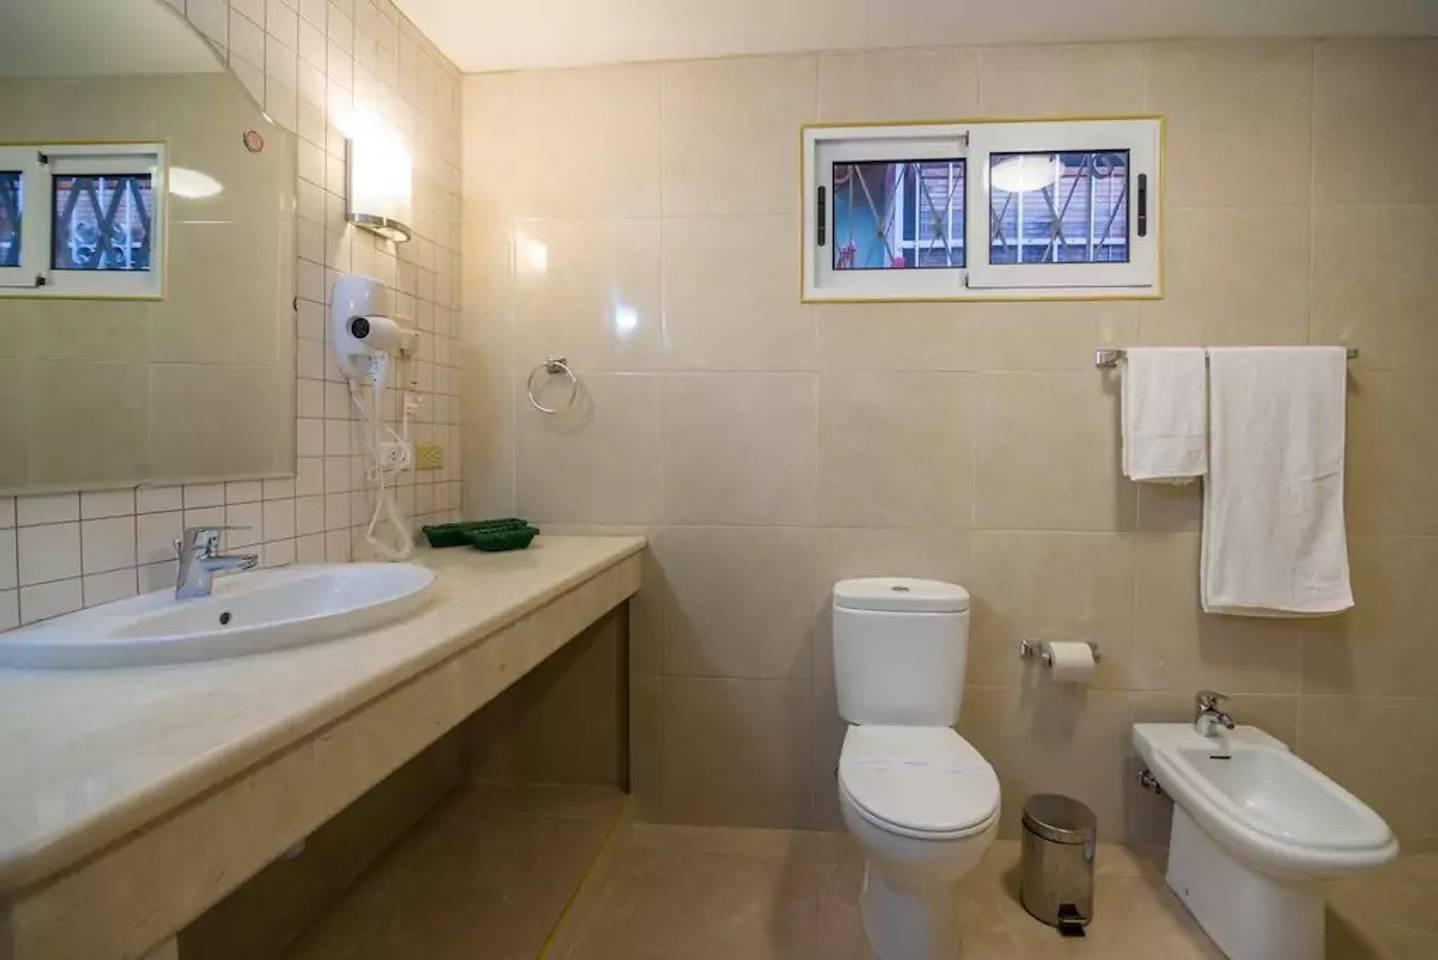 Villa Don Teto 8 Rooms: Luxury & Great Havana View photo 5558874